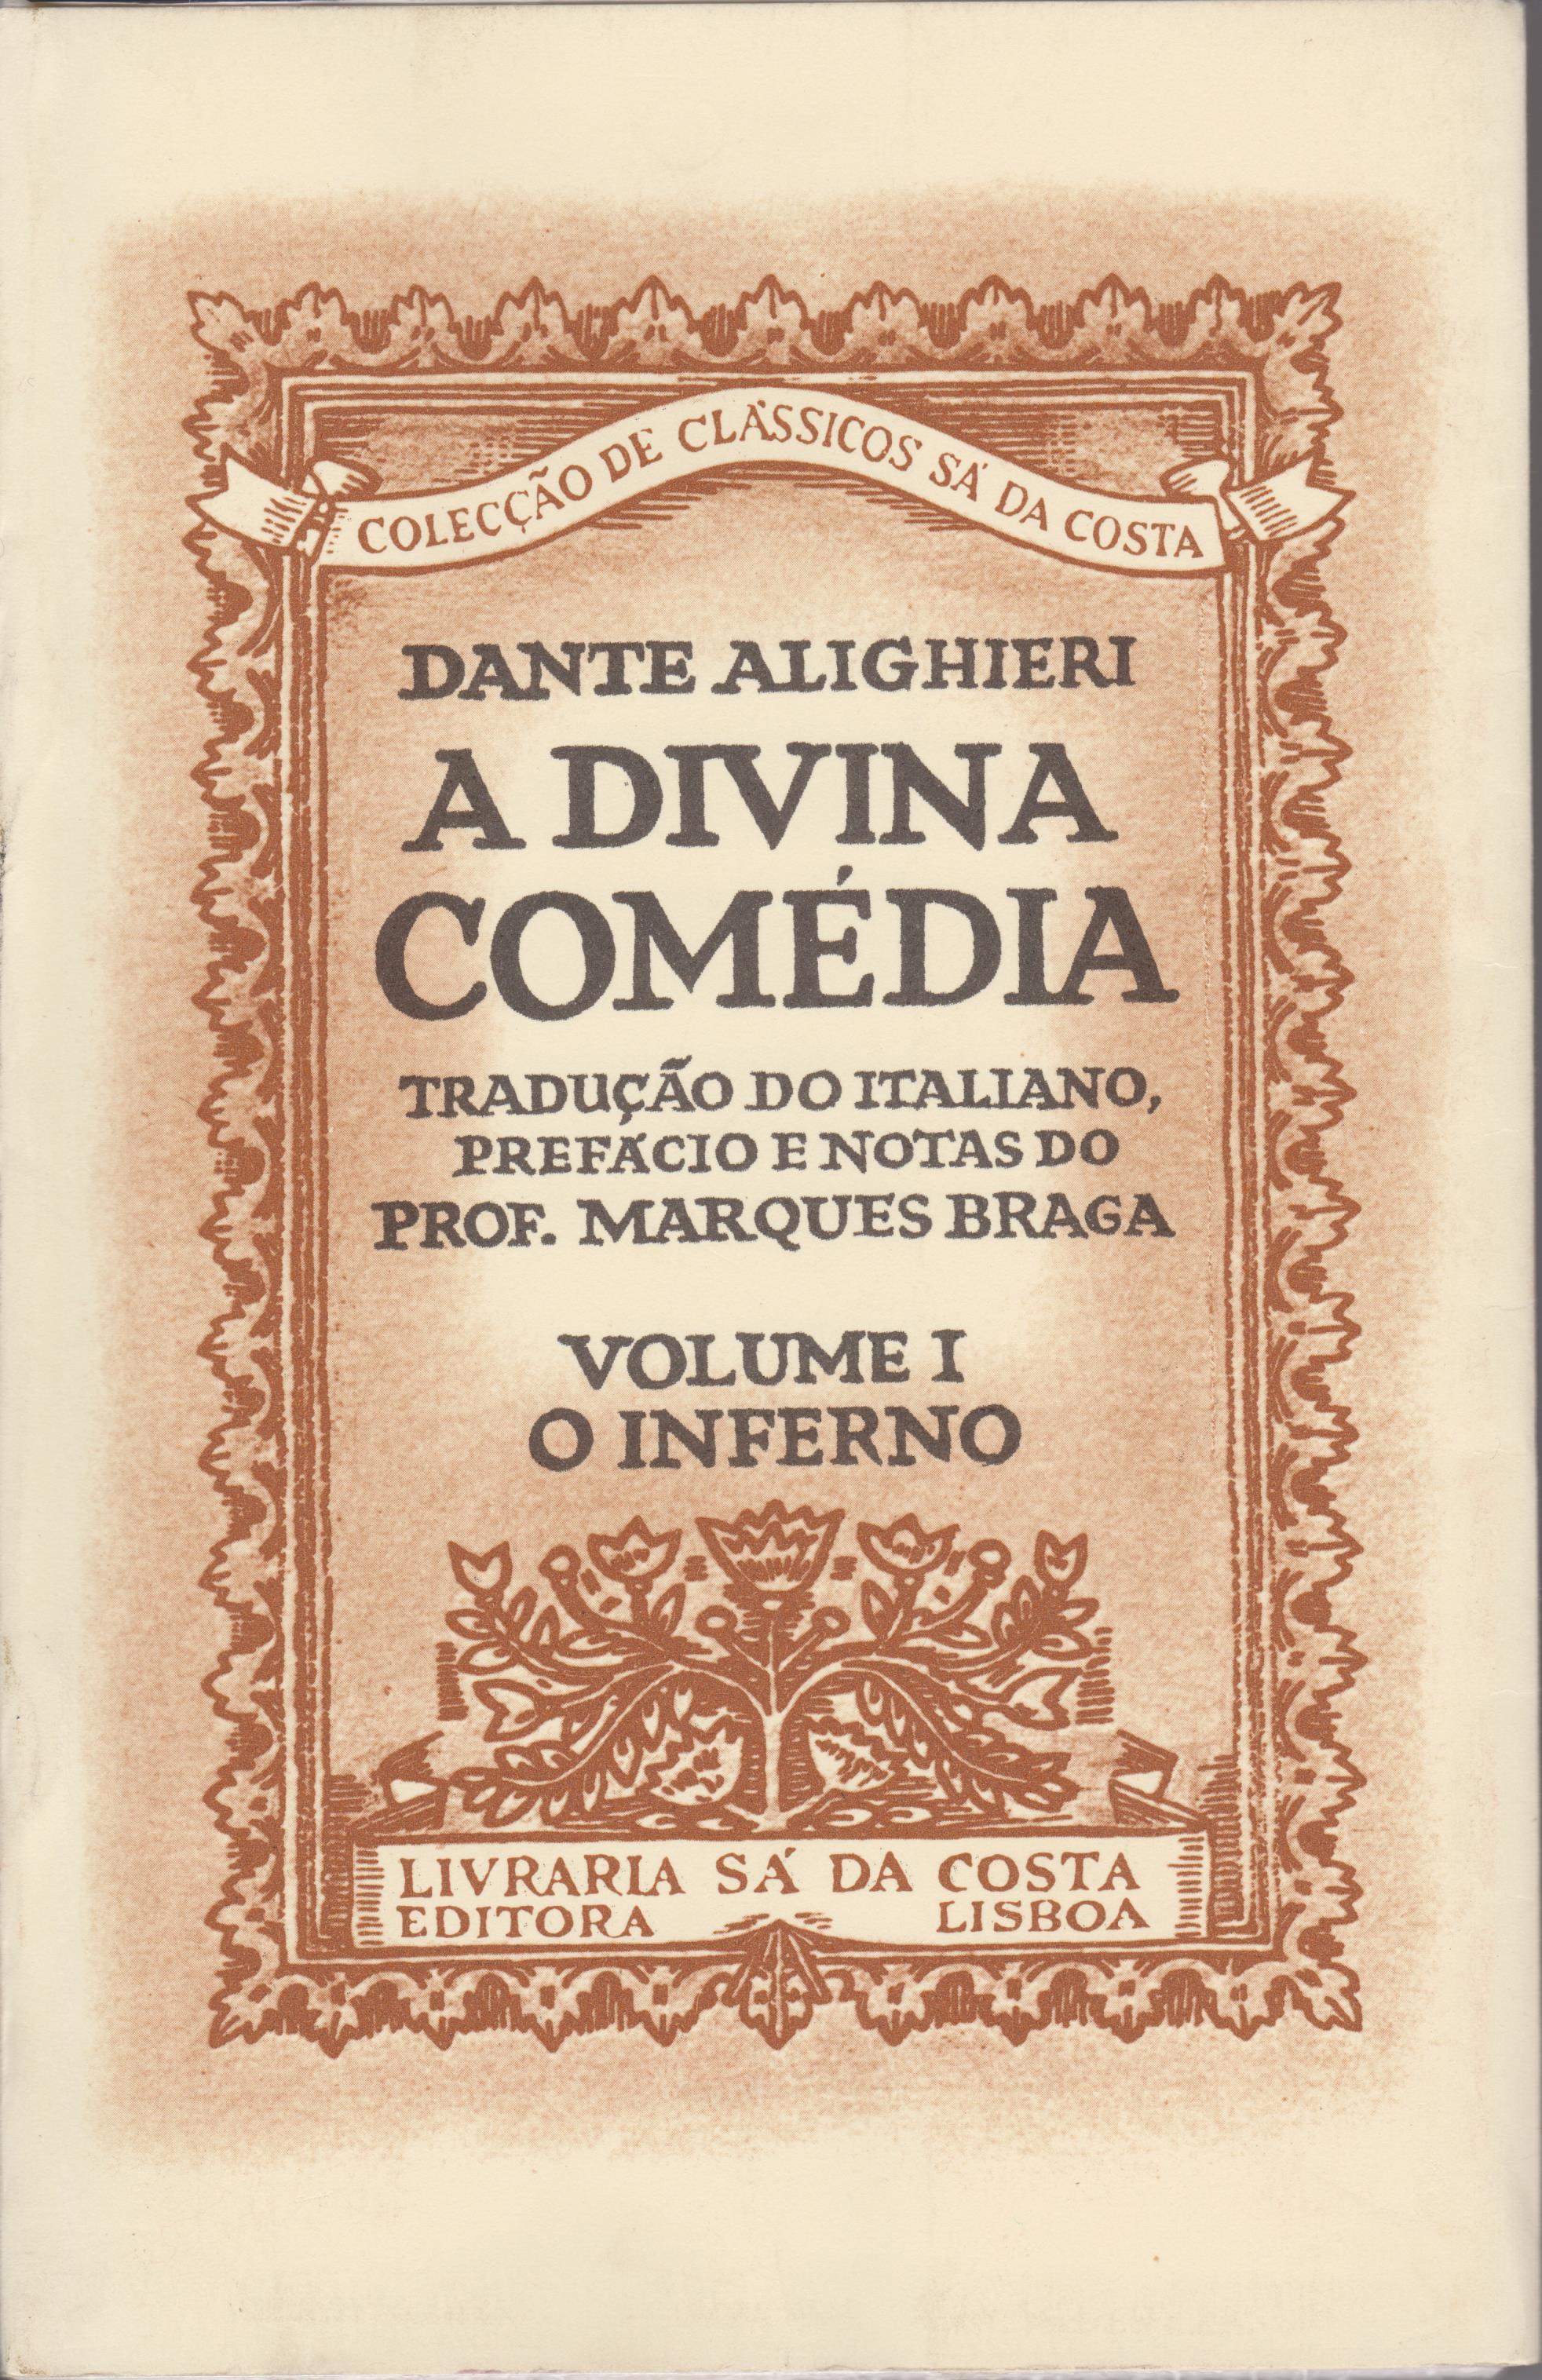 O Inferno (A Divina Comédia, #1)